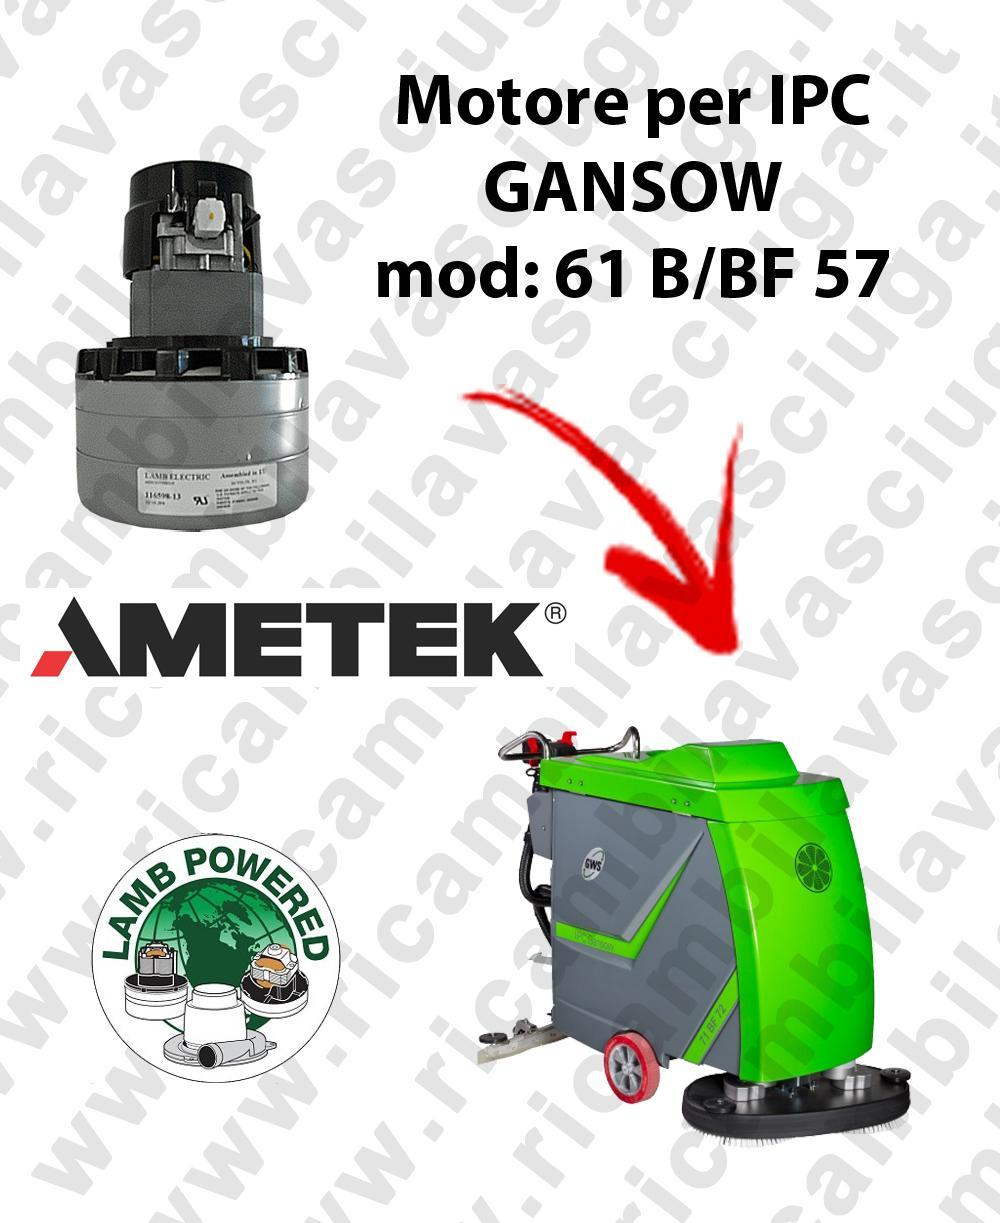 61 B/BF 57 MOTEUR ASPIRATION LAMB AMATEK pour autolaveuses IPC GANSOW